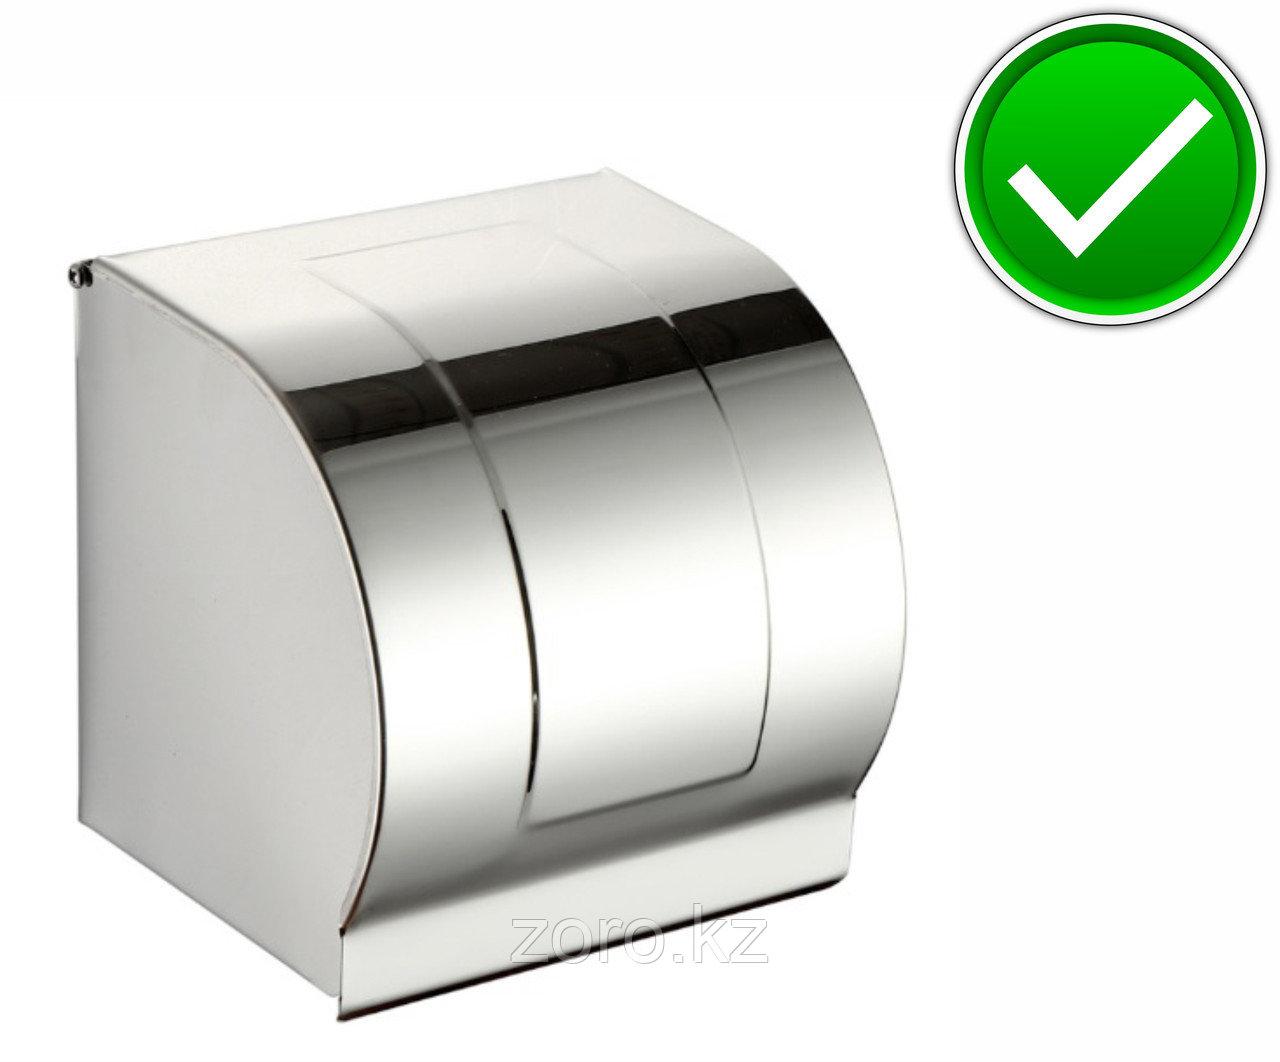 Держатель (диспенсер) для туалетной бумаги закрытого типа